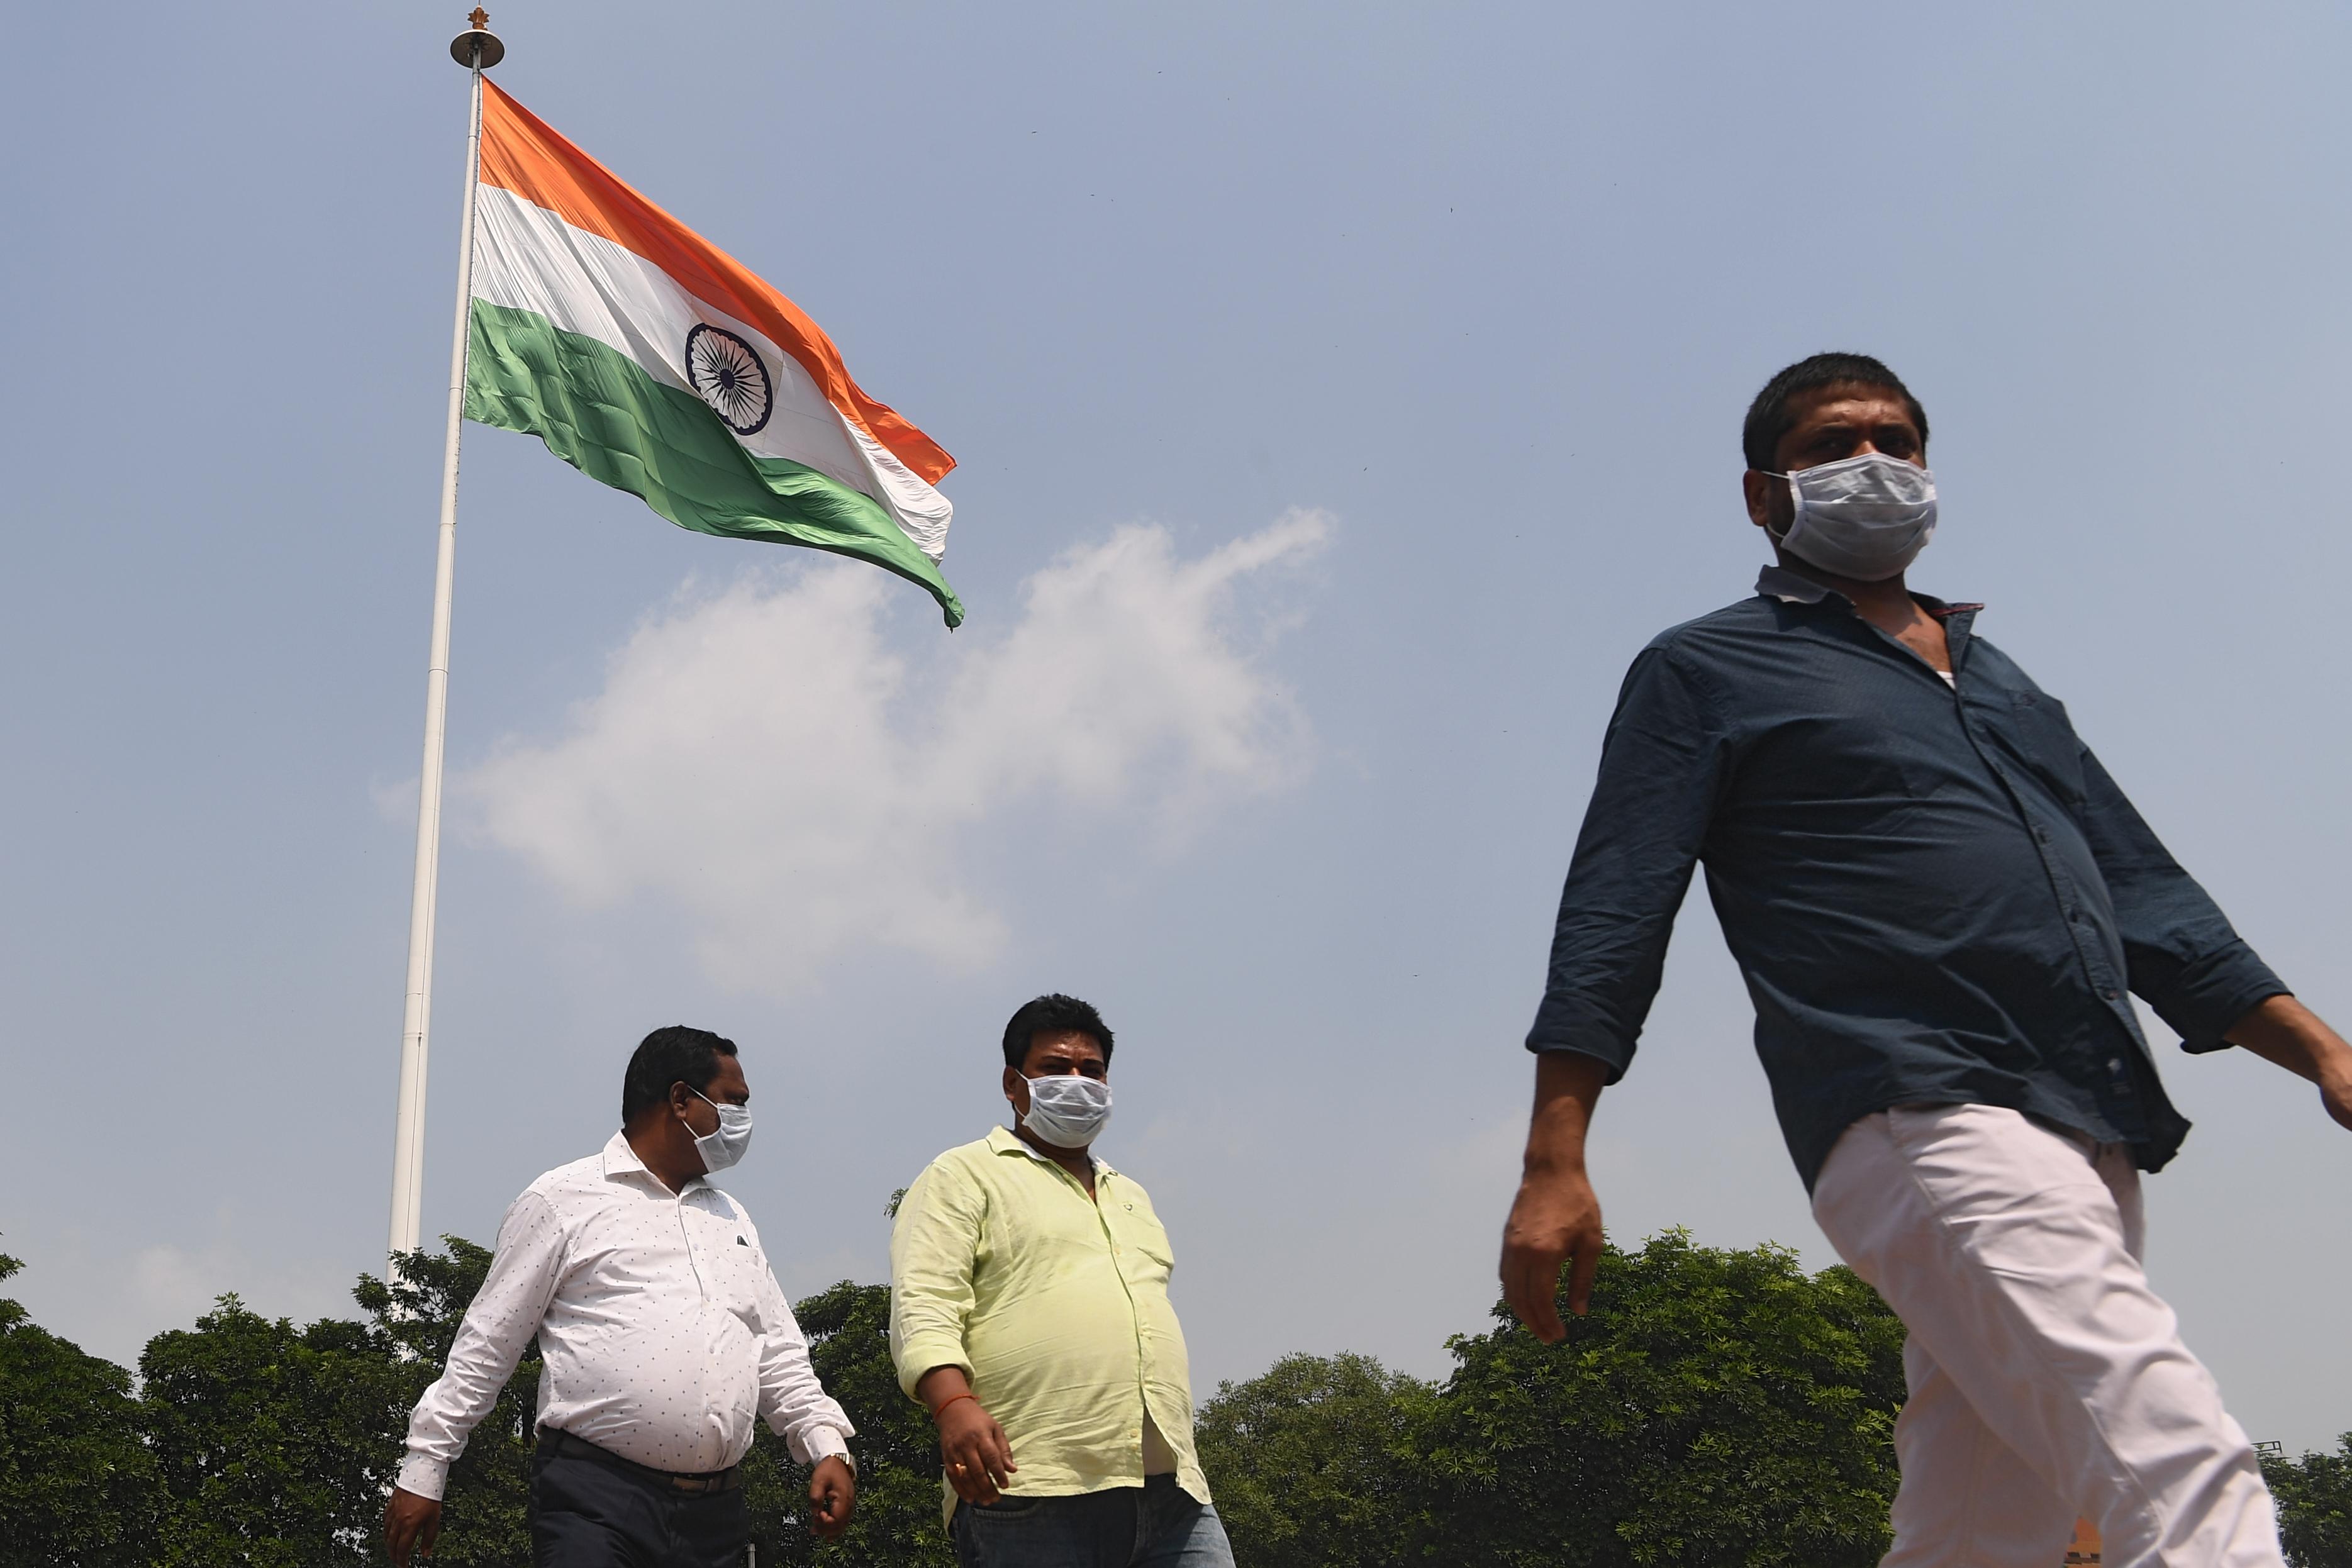 【冠状病毒19】印度新增逾8万9000起病例 创半年来新高